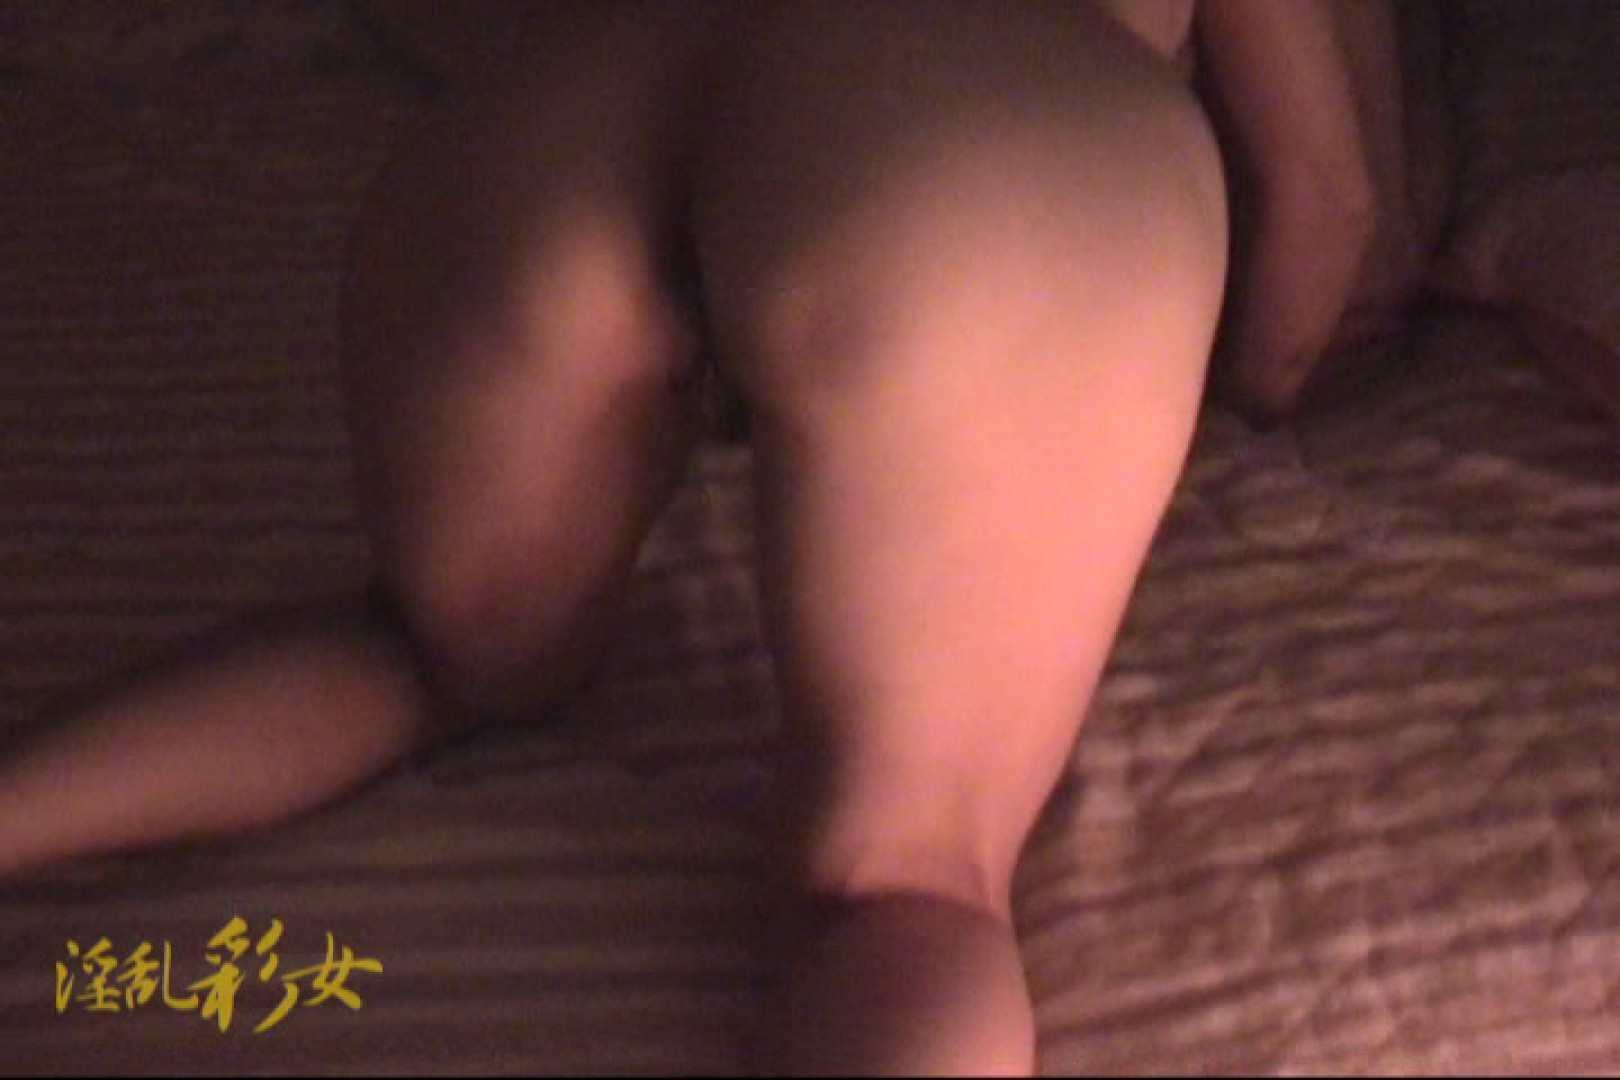 淫乱彩女 麻優里 禁断の彼氏 ギャル達のSEX | 淫乱  75画像 37